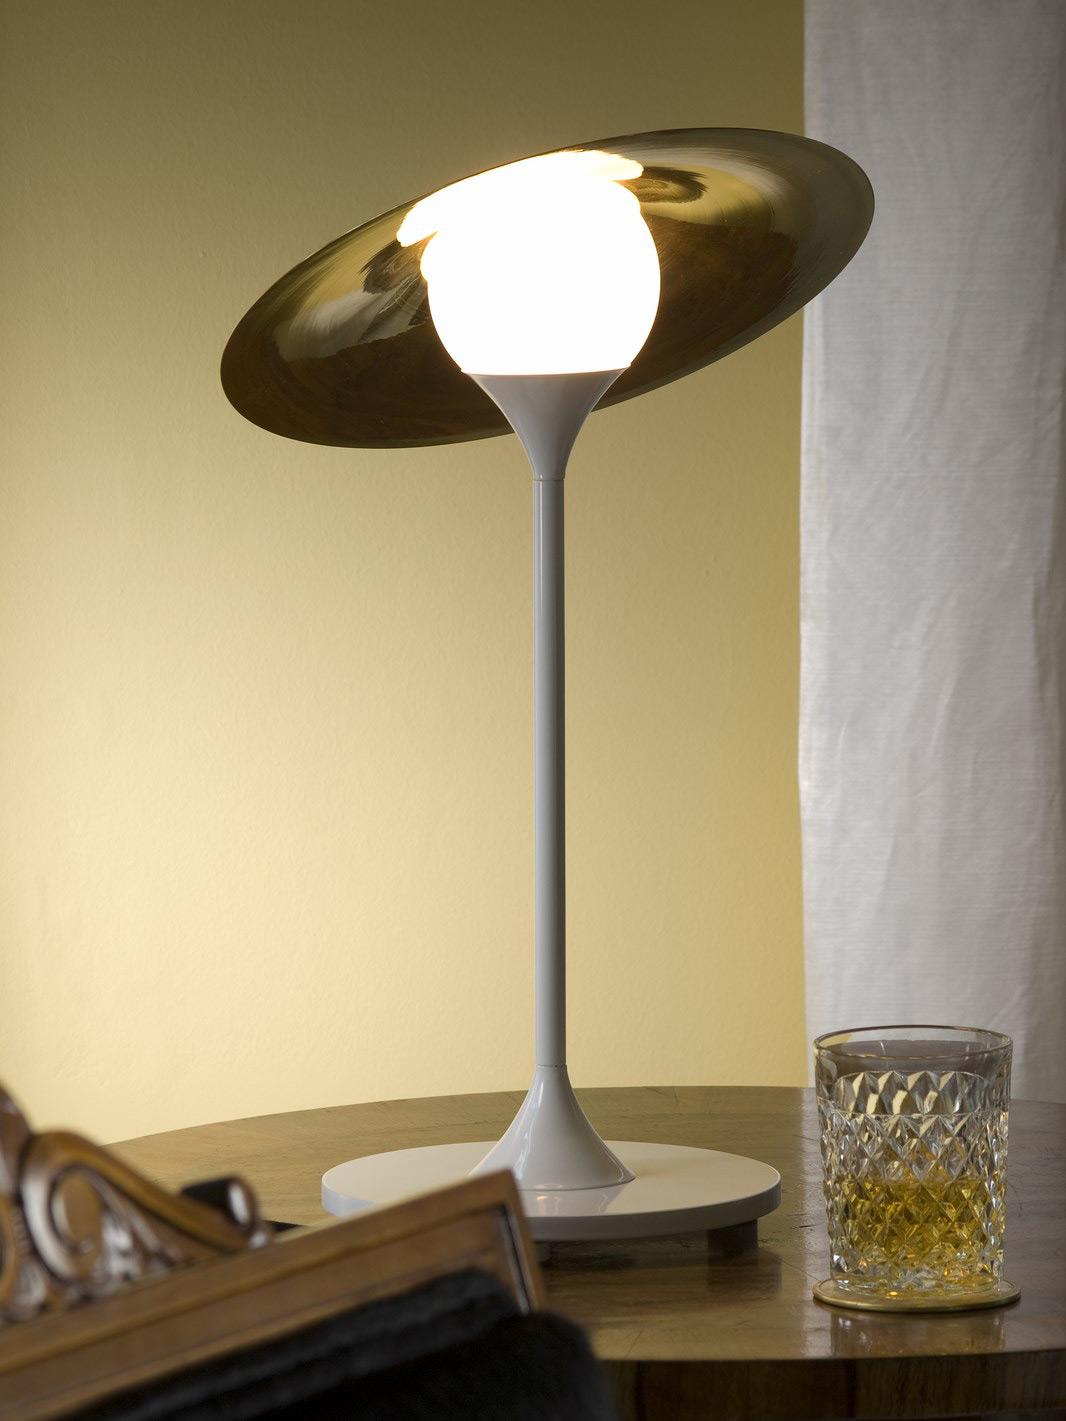 elegante tischleuchte mit verstellbarem hut schirm casa lumi. Black Bedroom Furniture Sets. Home Design Ideas